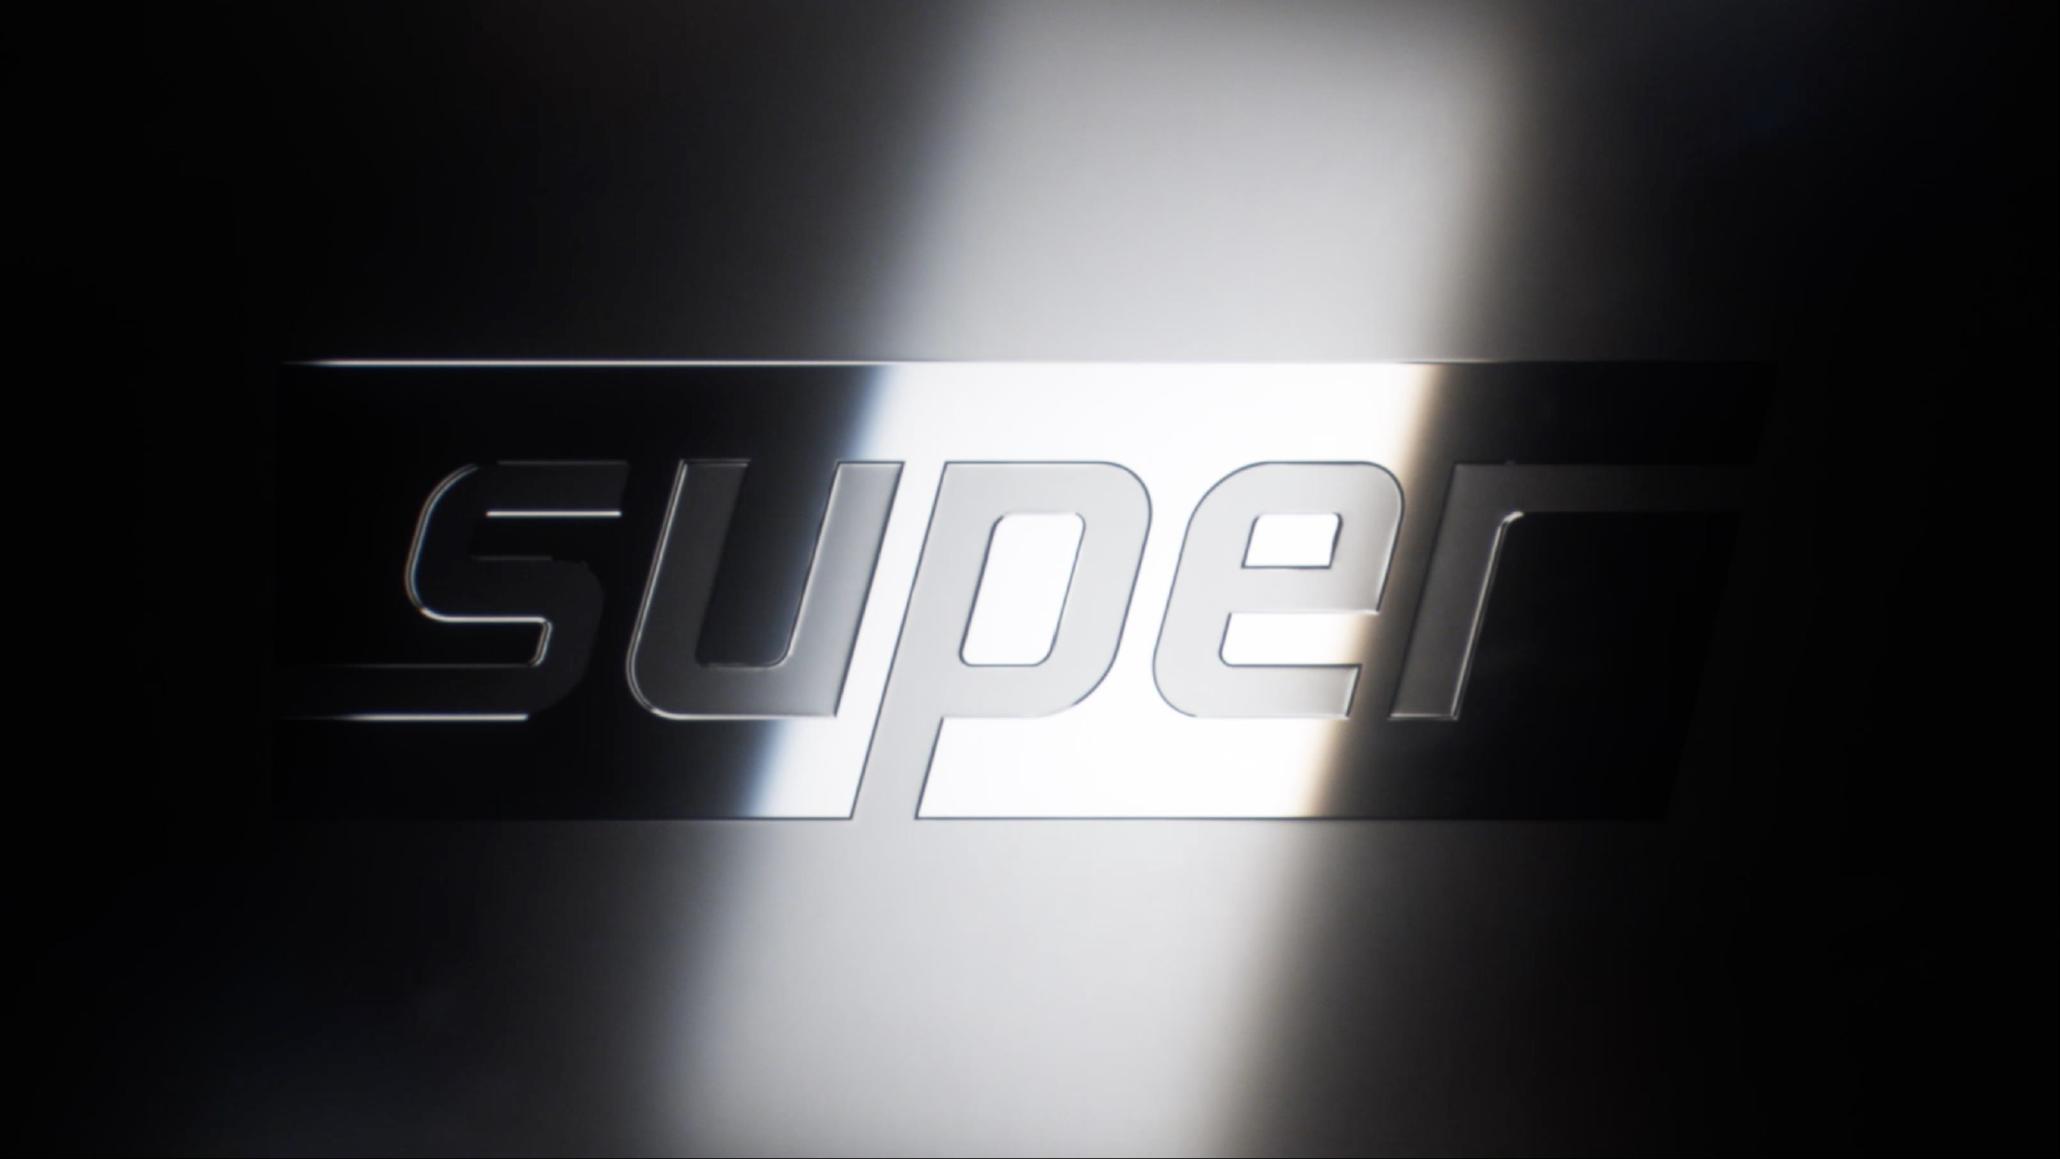 NVIDIA chính thức ra mắt Geforce GTX Super đầu tiên GTX 1660 3